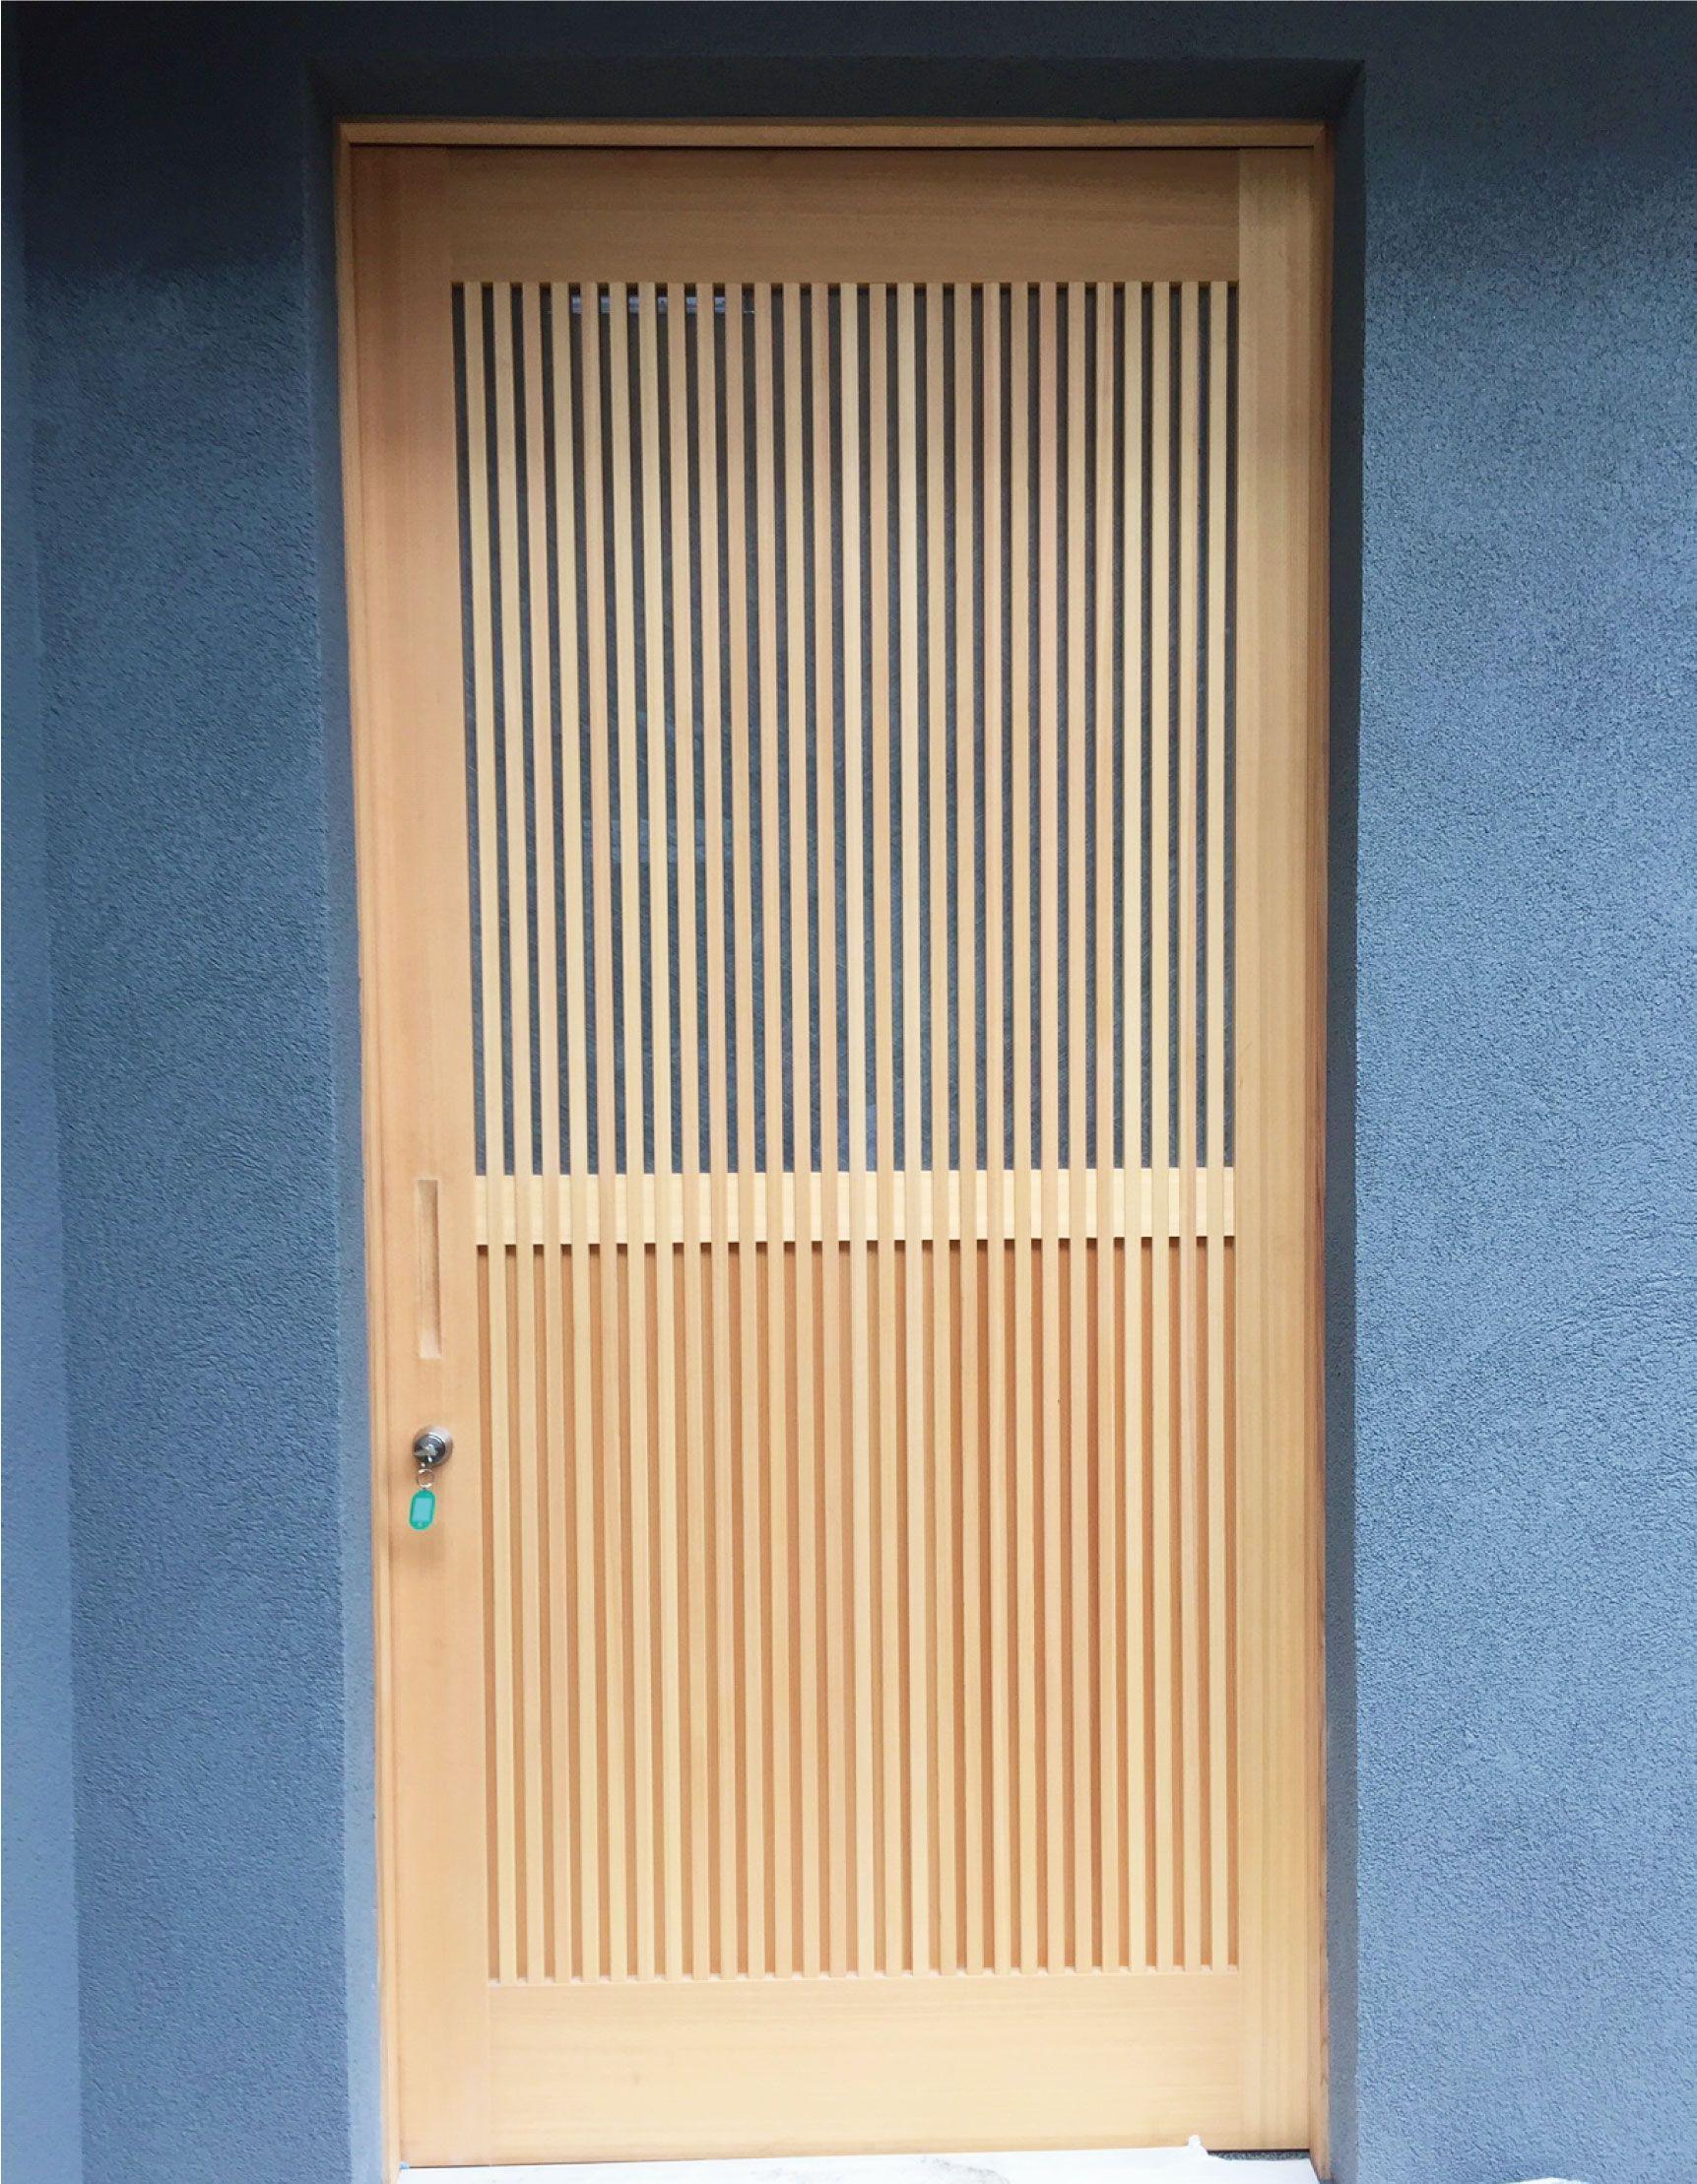 和風の玄関ドアに 和紙調ガラスは 光を優しく通すので 普通のガラスでは出せない雰囲気づくりができますよ オーカベガラス Ookabeglass ガラス Glass デザインガラス Designglass 玄関ドア 和風 ガラス 和紙 ドア